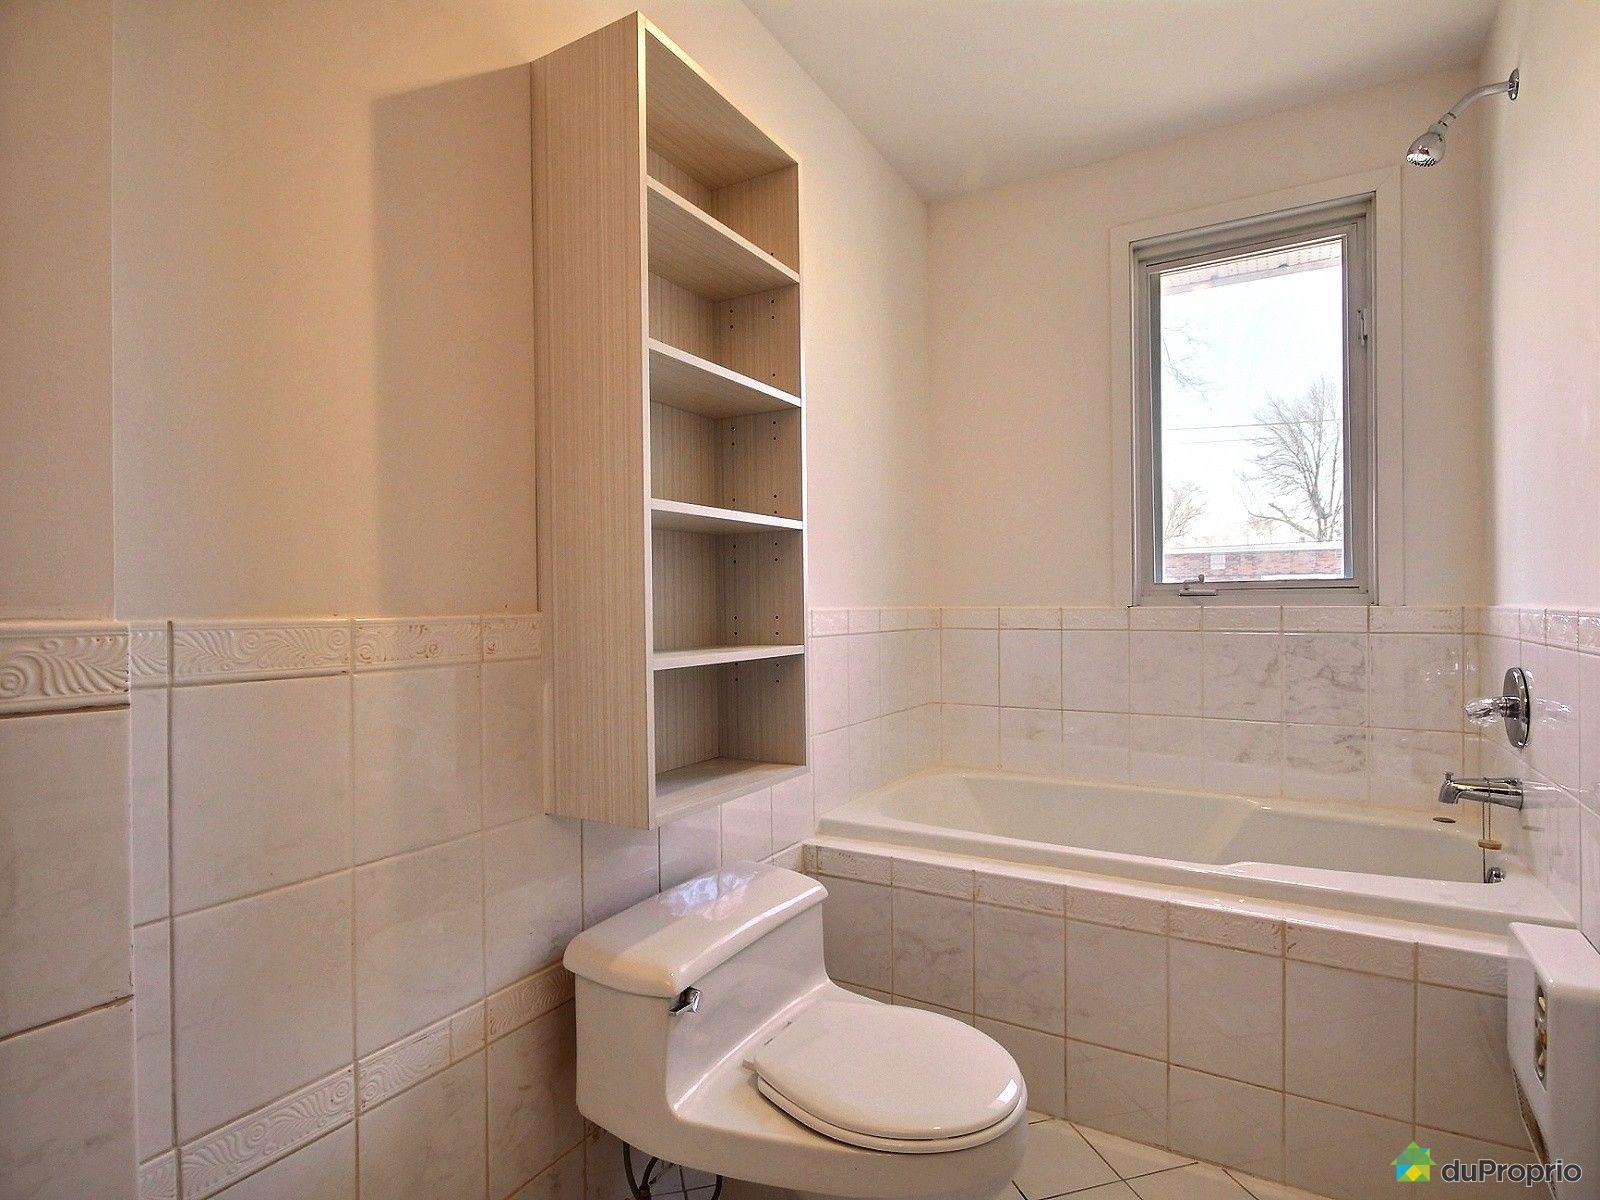 Jumel vendu montr al immobilier qu bec duproprio 484594 for Salle de bain xavier laurent